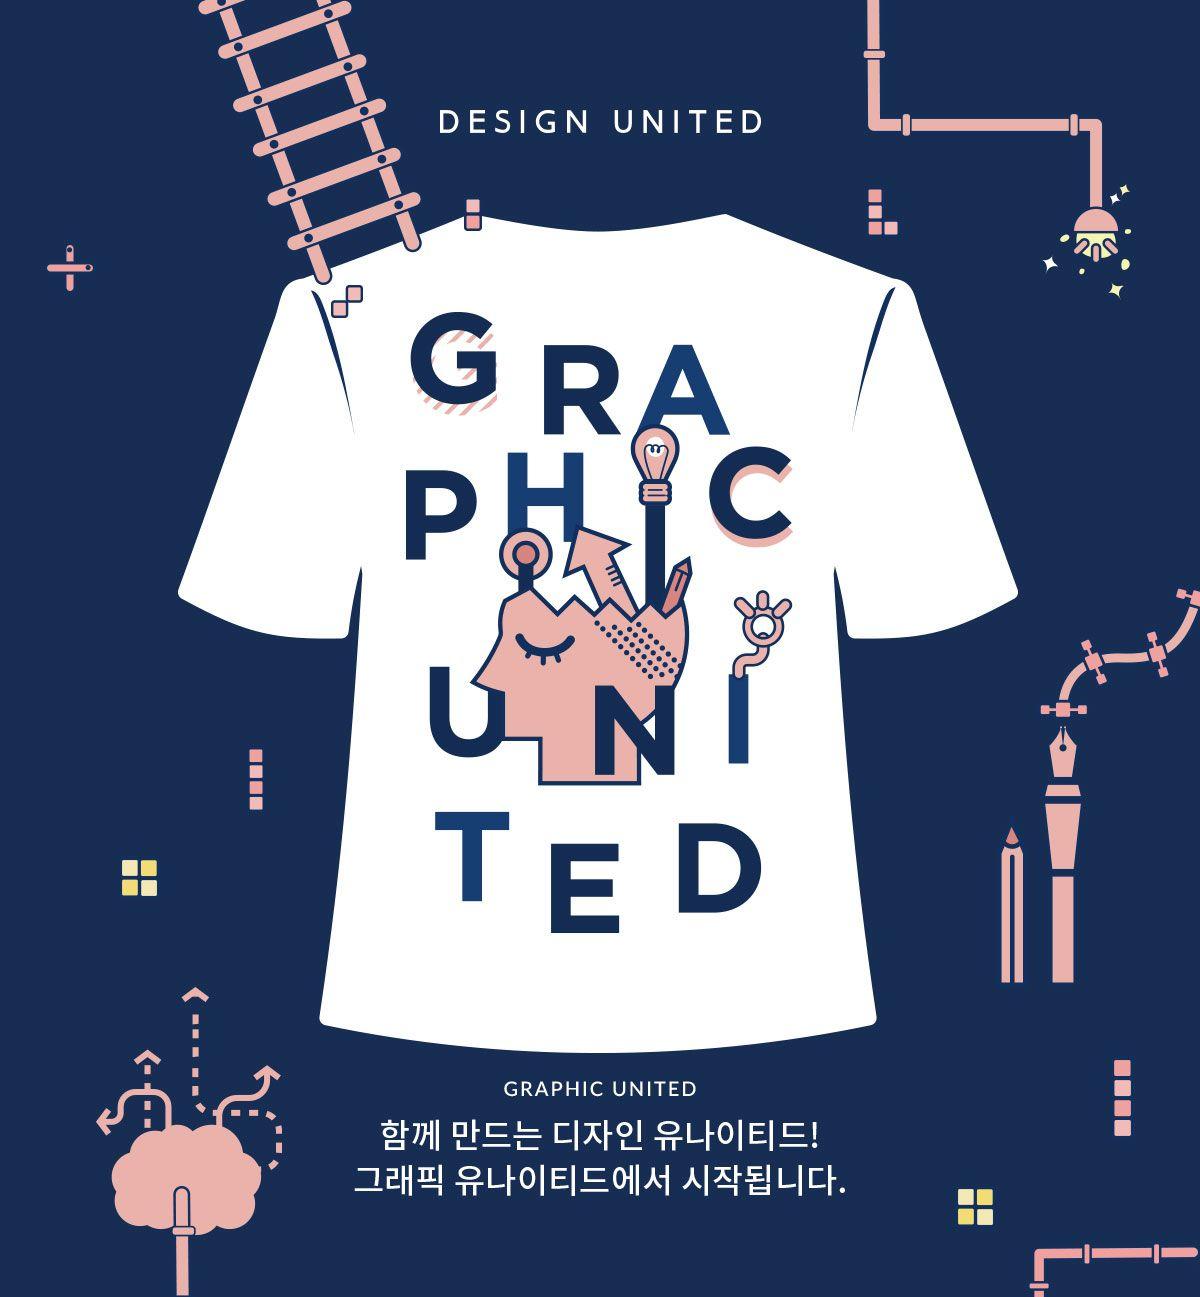 [신세계인터내셔널] 디자인유나이티드 그래픽 티셔츠 디자인 공모전